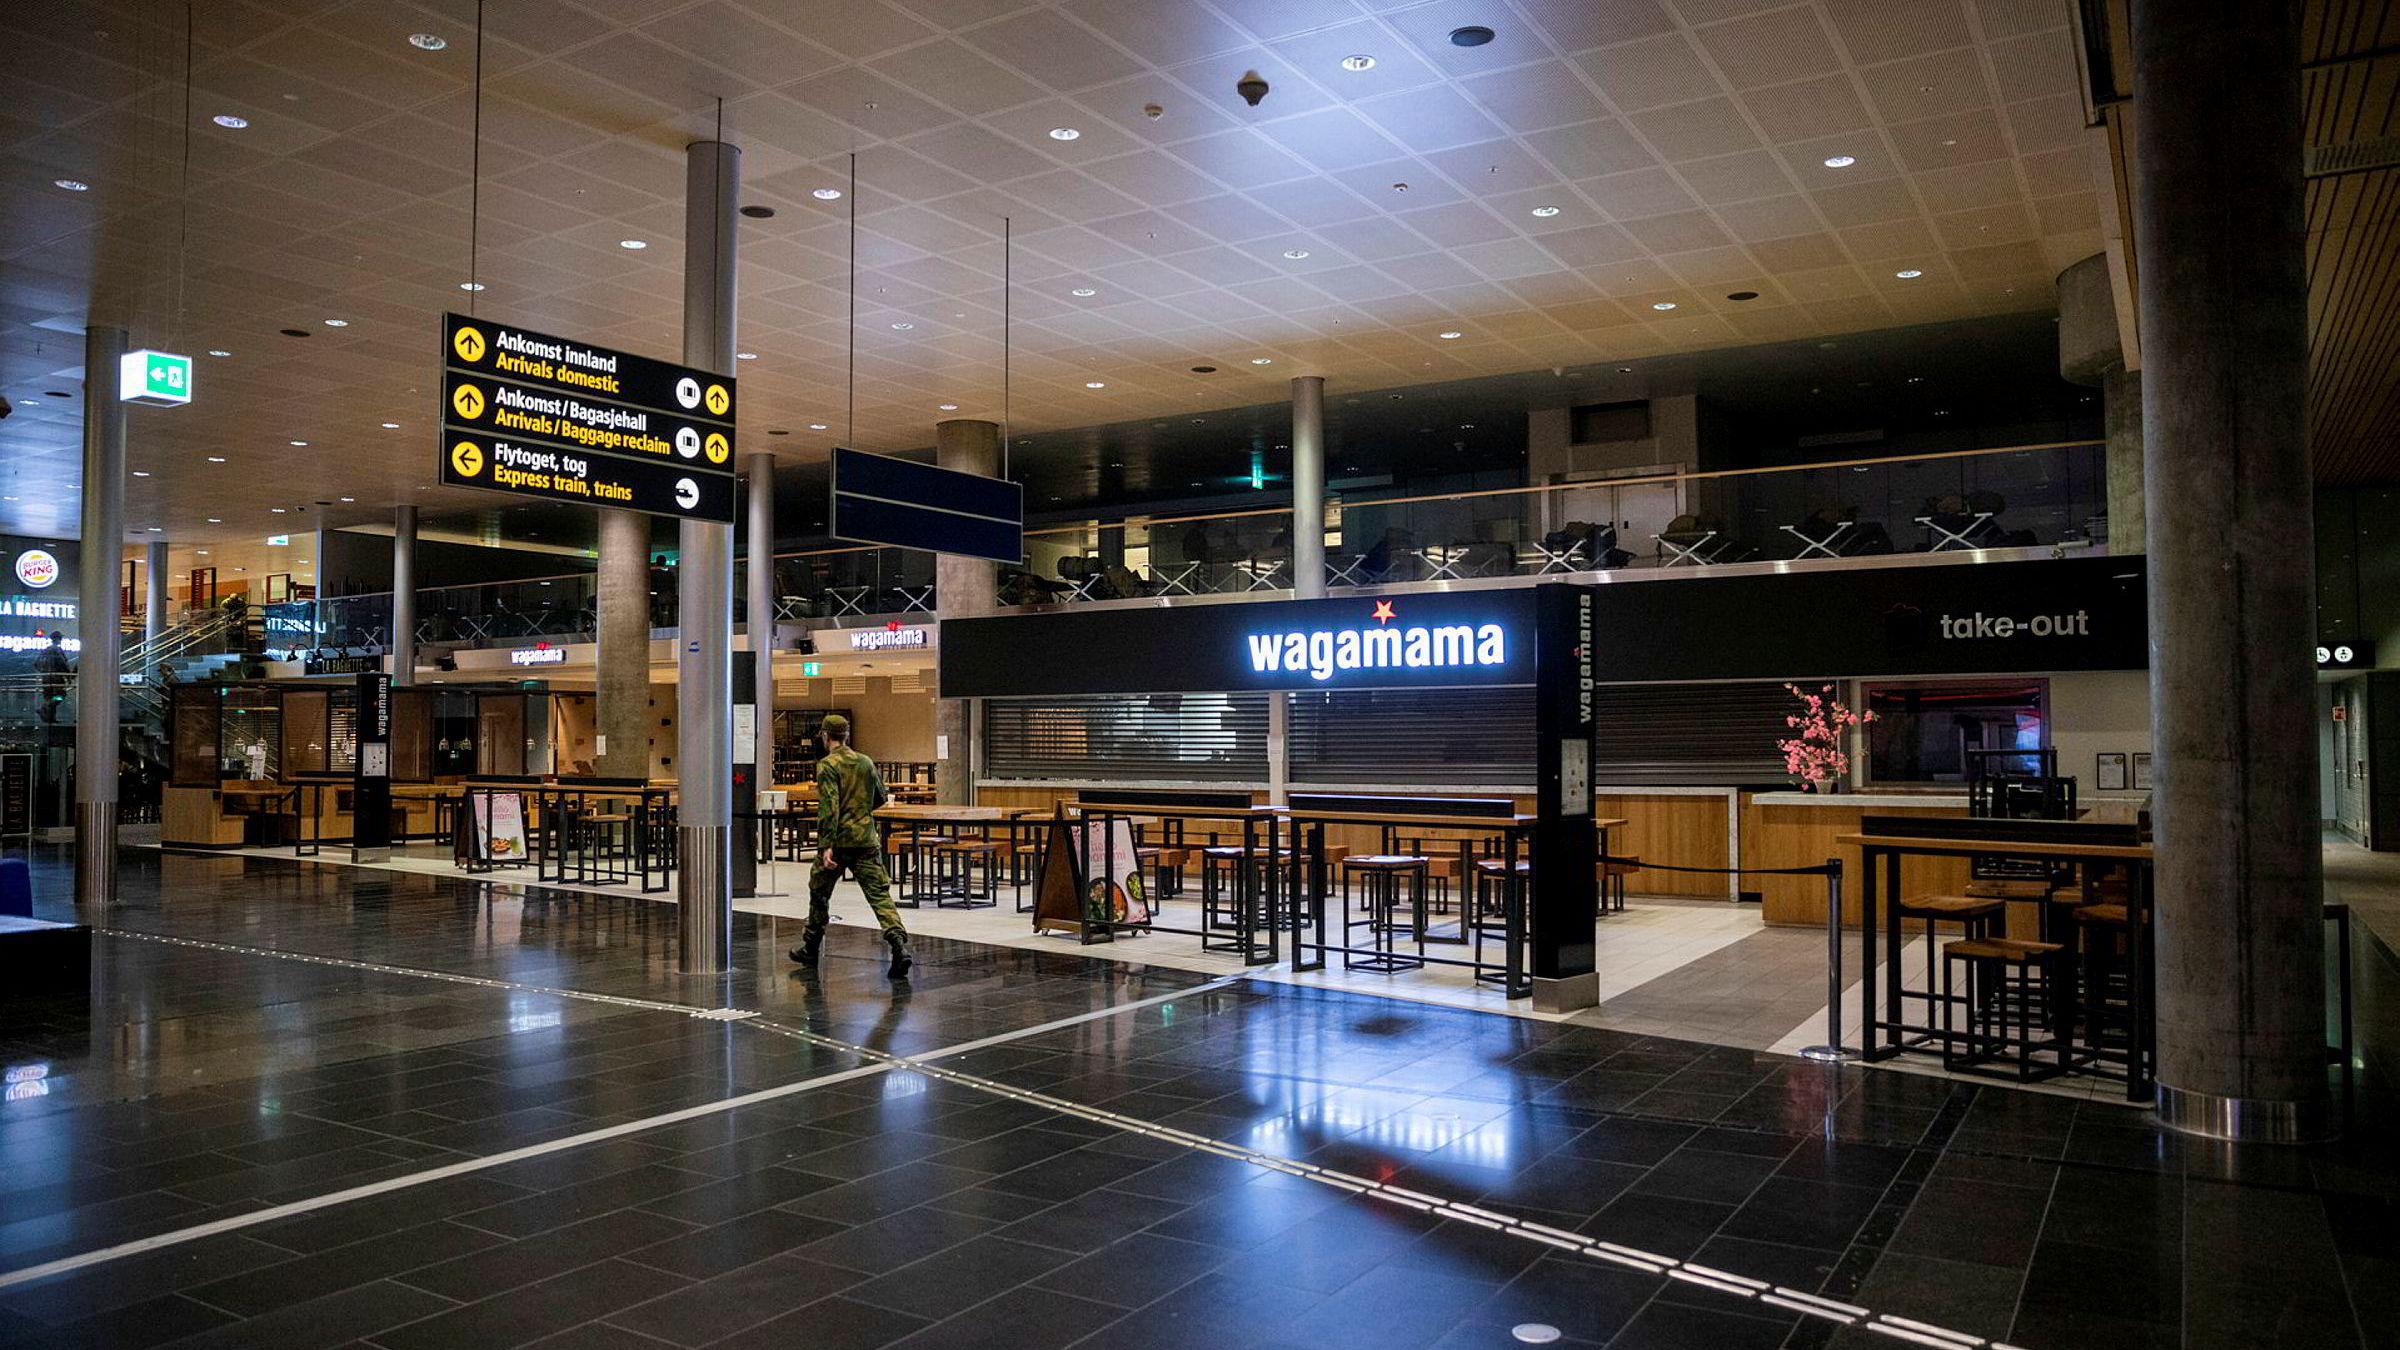 Det var få reisende på Gardermoen tirsdag, og mange av kafeene er stengt. Flybransjen, reiseliv og servering er blant de hardest rammede bransjene.